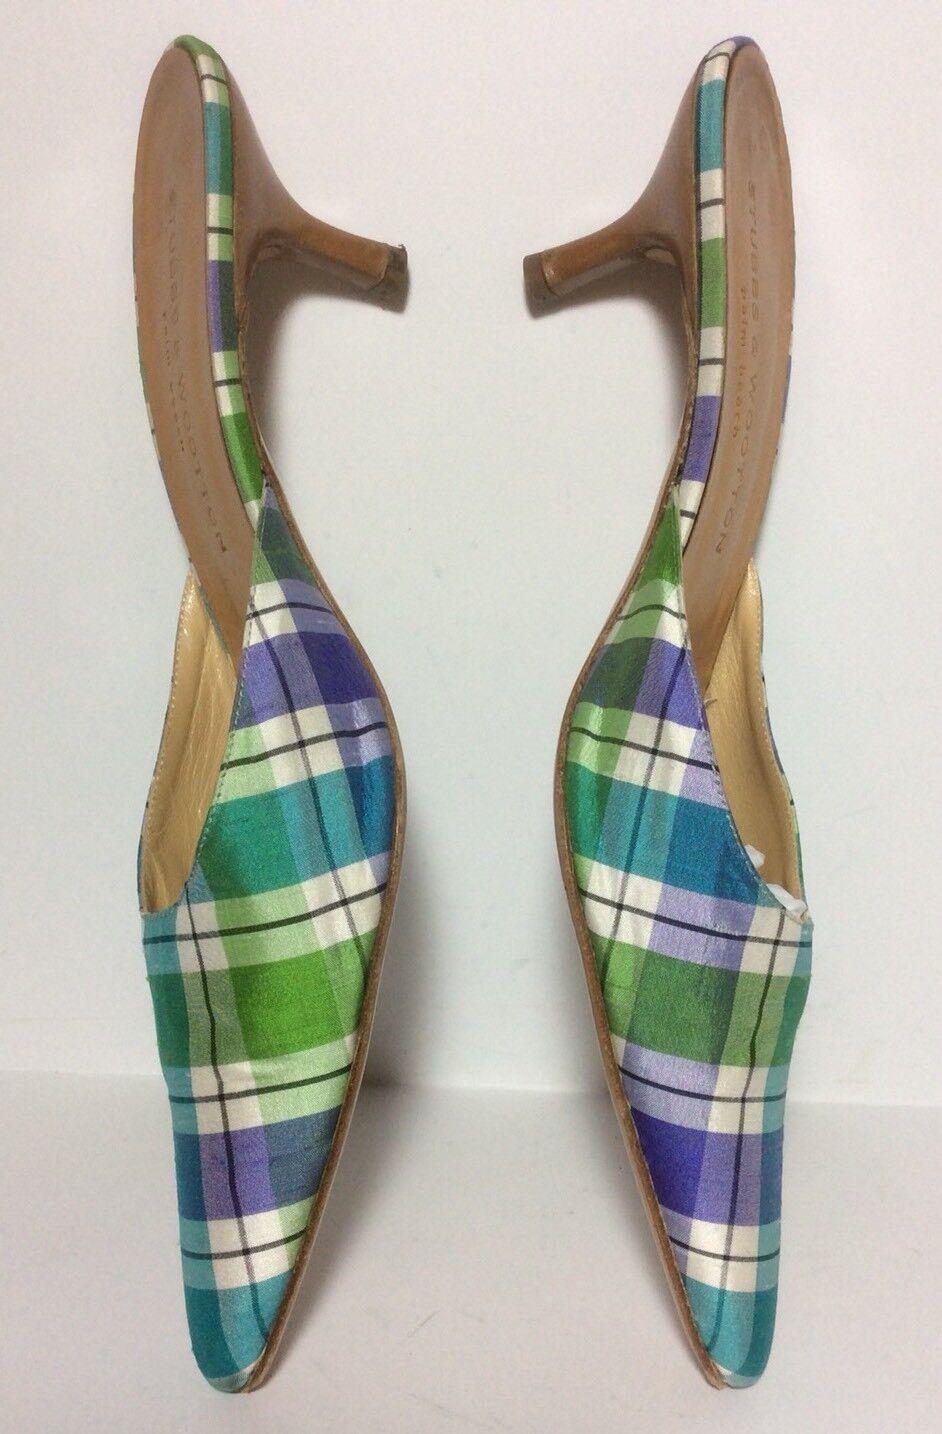 scelta migliore Stubbs & Wooton Pointy Toe Plaid Fabric Fabric Fabric Kitten Heel Mule EUC Sz 9 Italian Run Sm  senza esitazione! acquista ora!